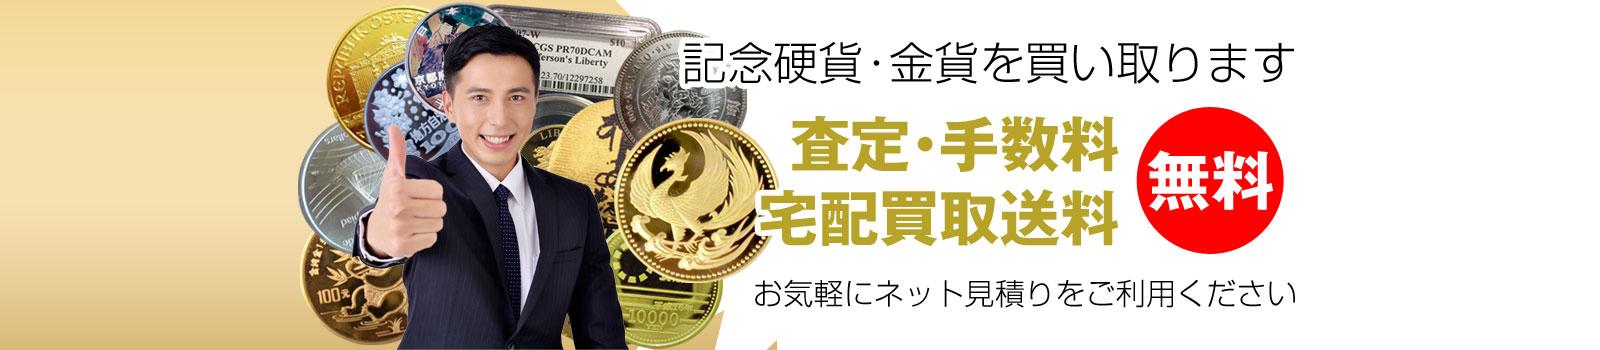 記念硬貨・金貨を買い取ります。査定無料、宅配買取送料無料